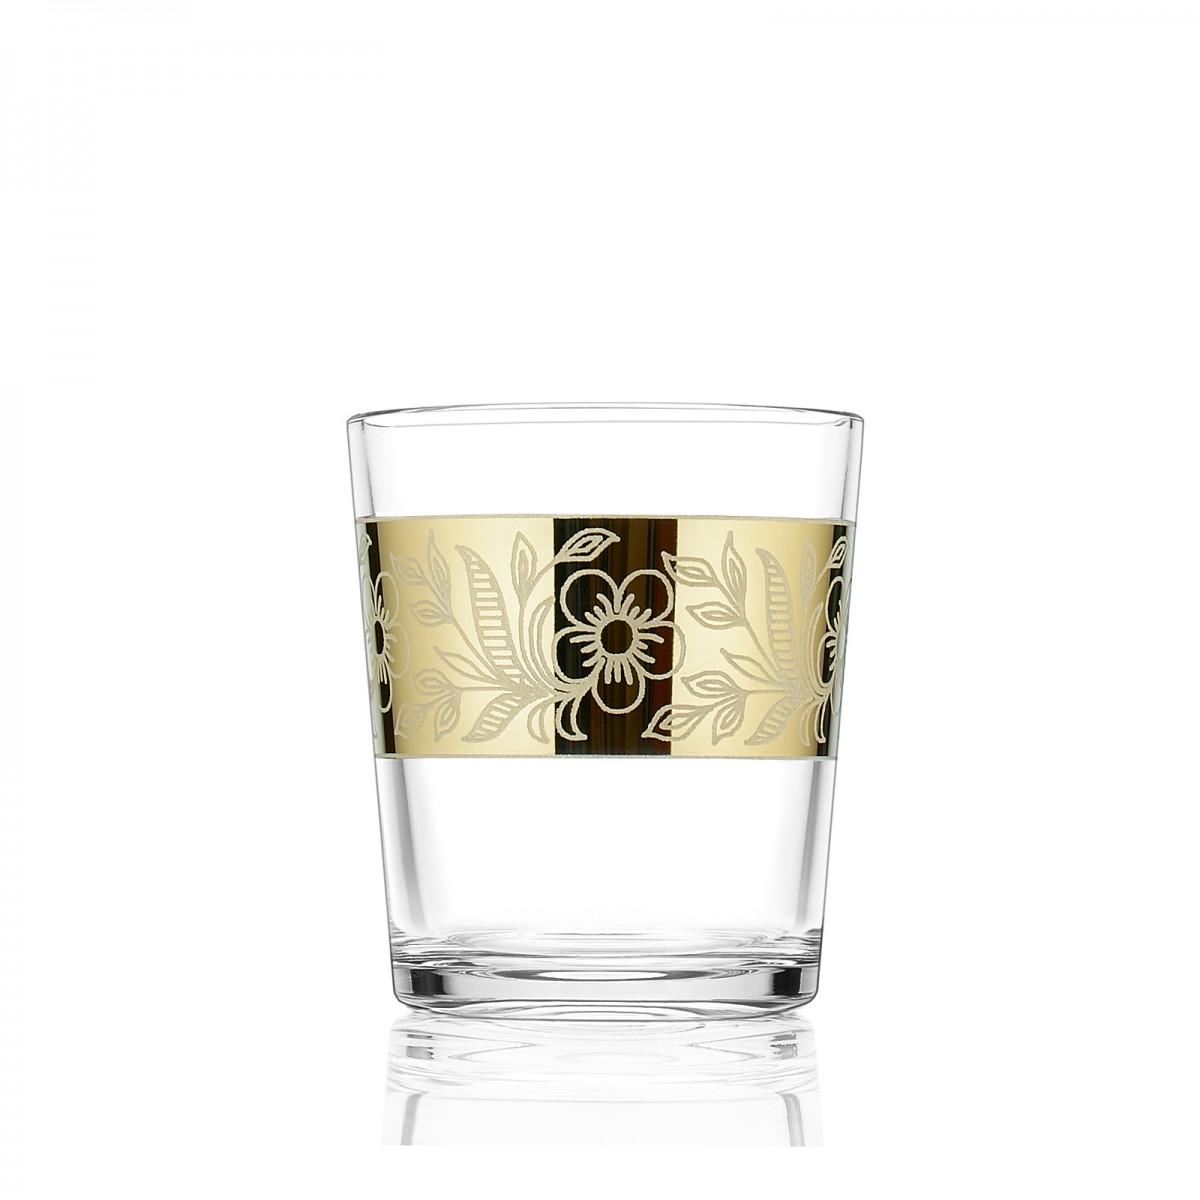 GN7_40_1 Набор из 6 стаканов «Золотая полоса цветы», 250 мл